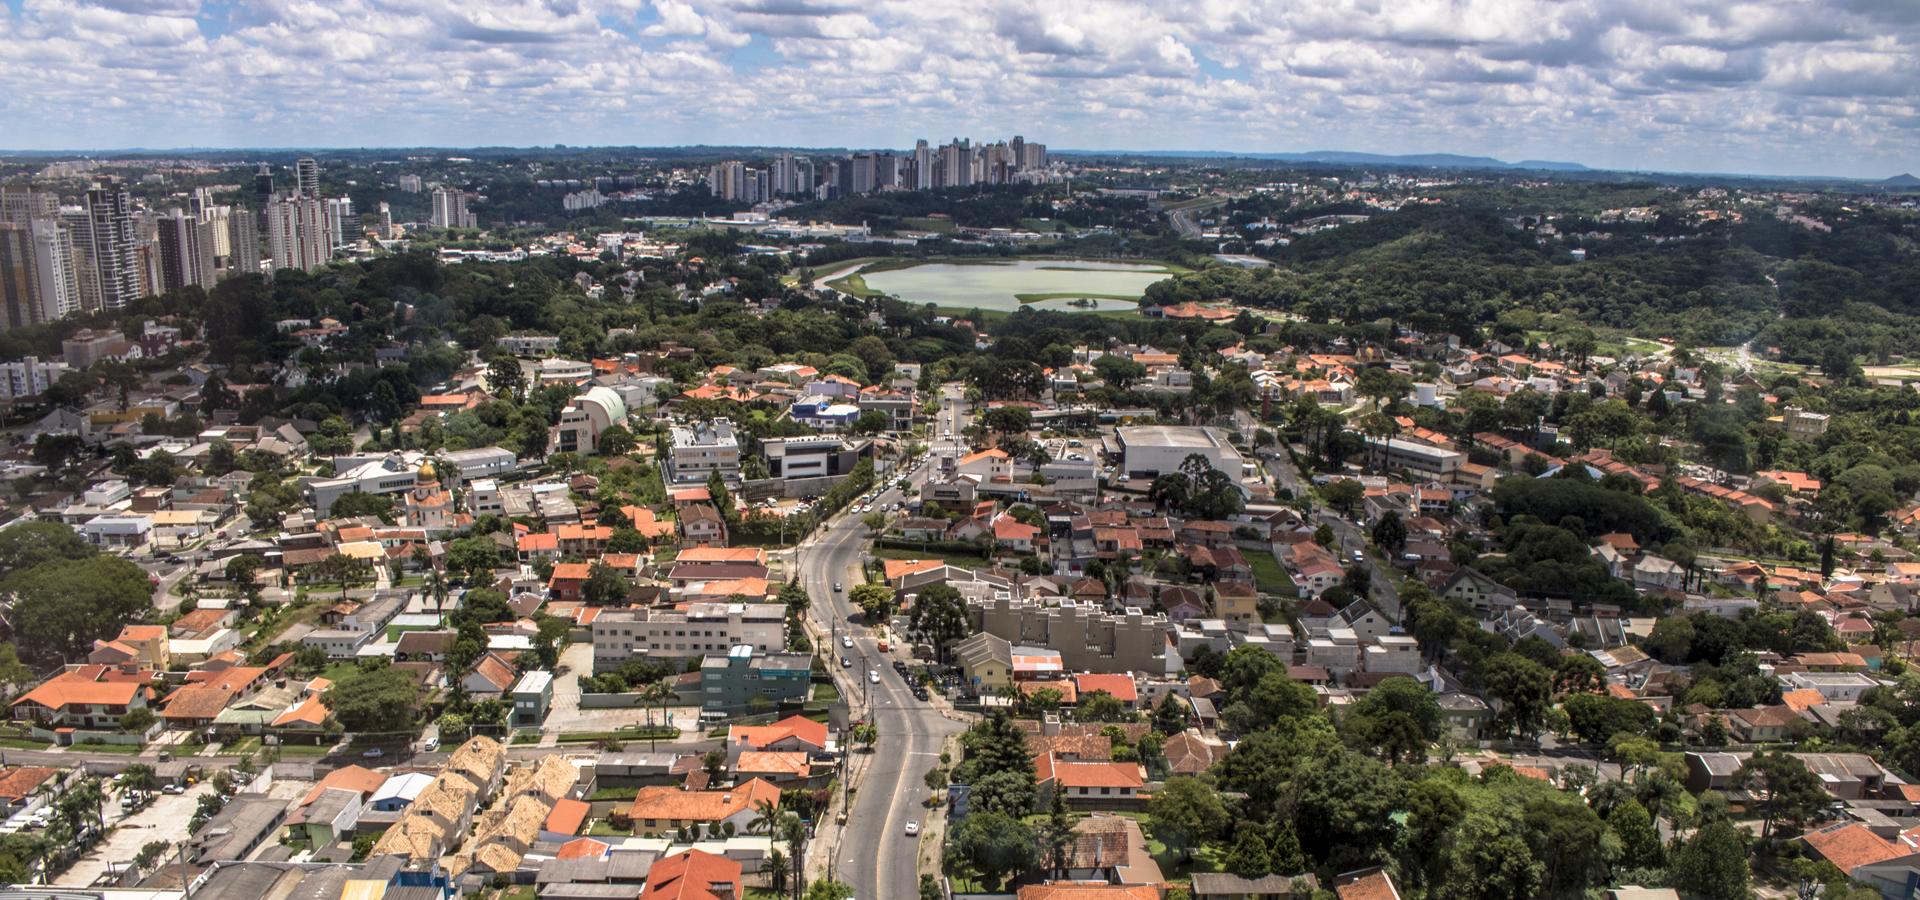 Peer-to-peer advisory in Curitiba, Paraná, Brazil